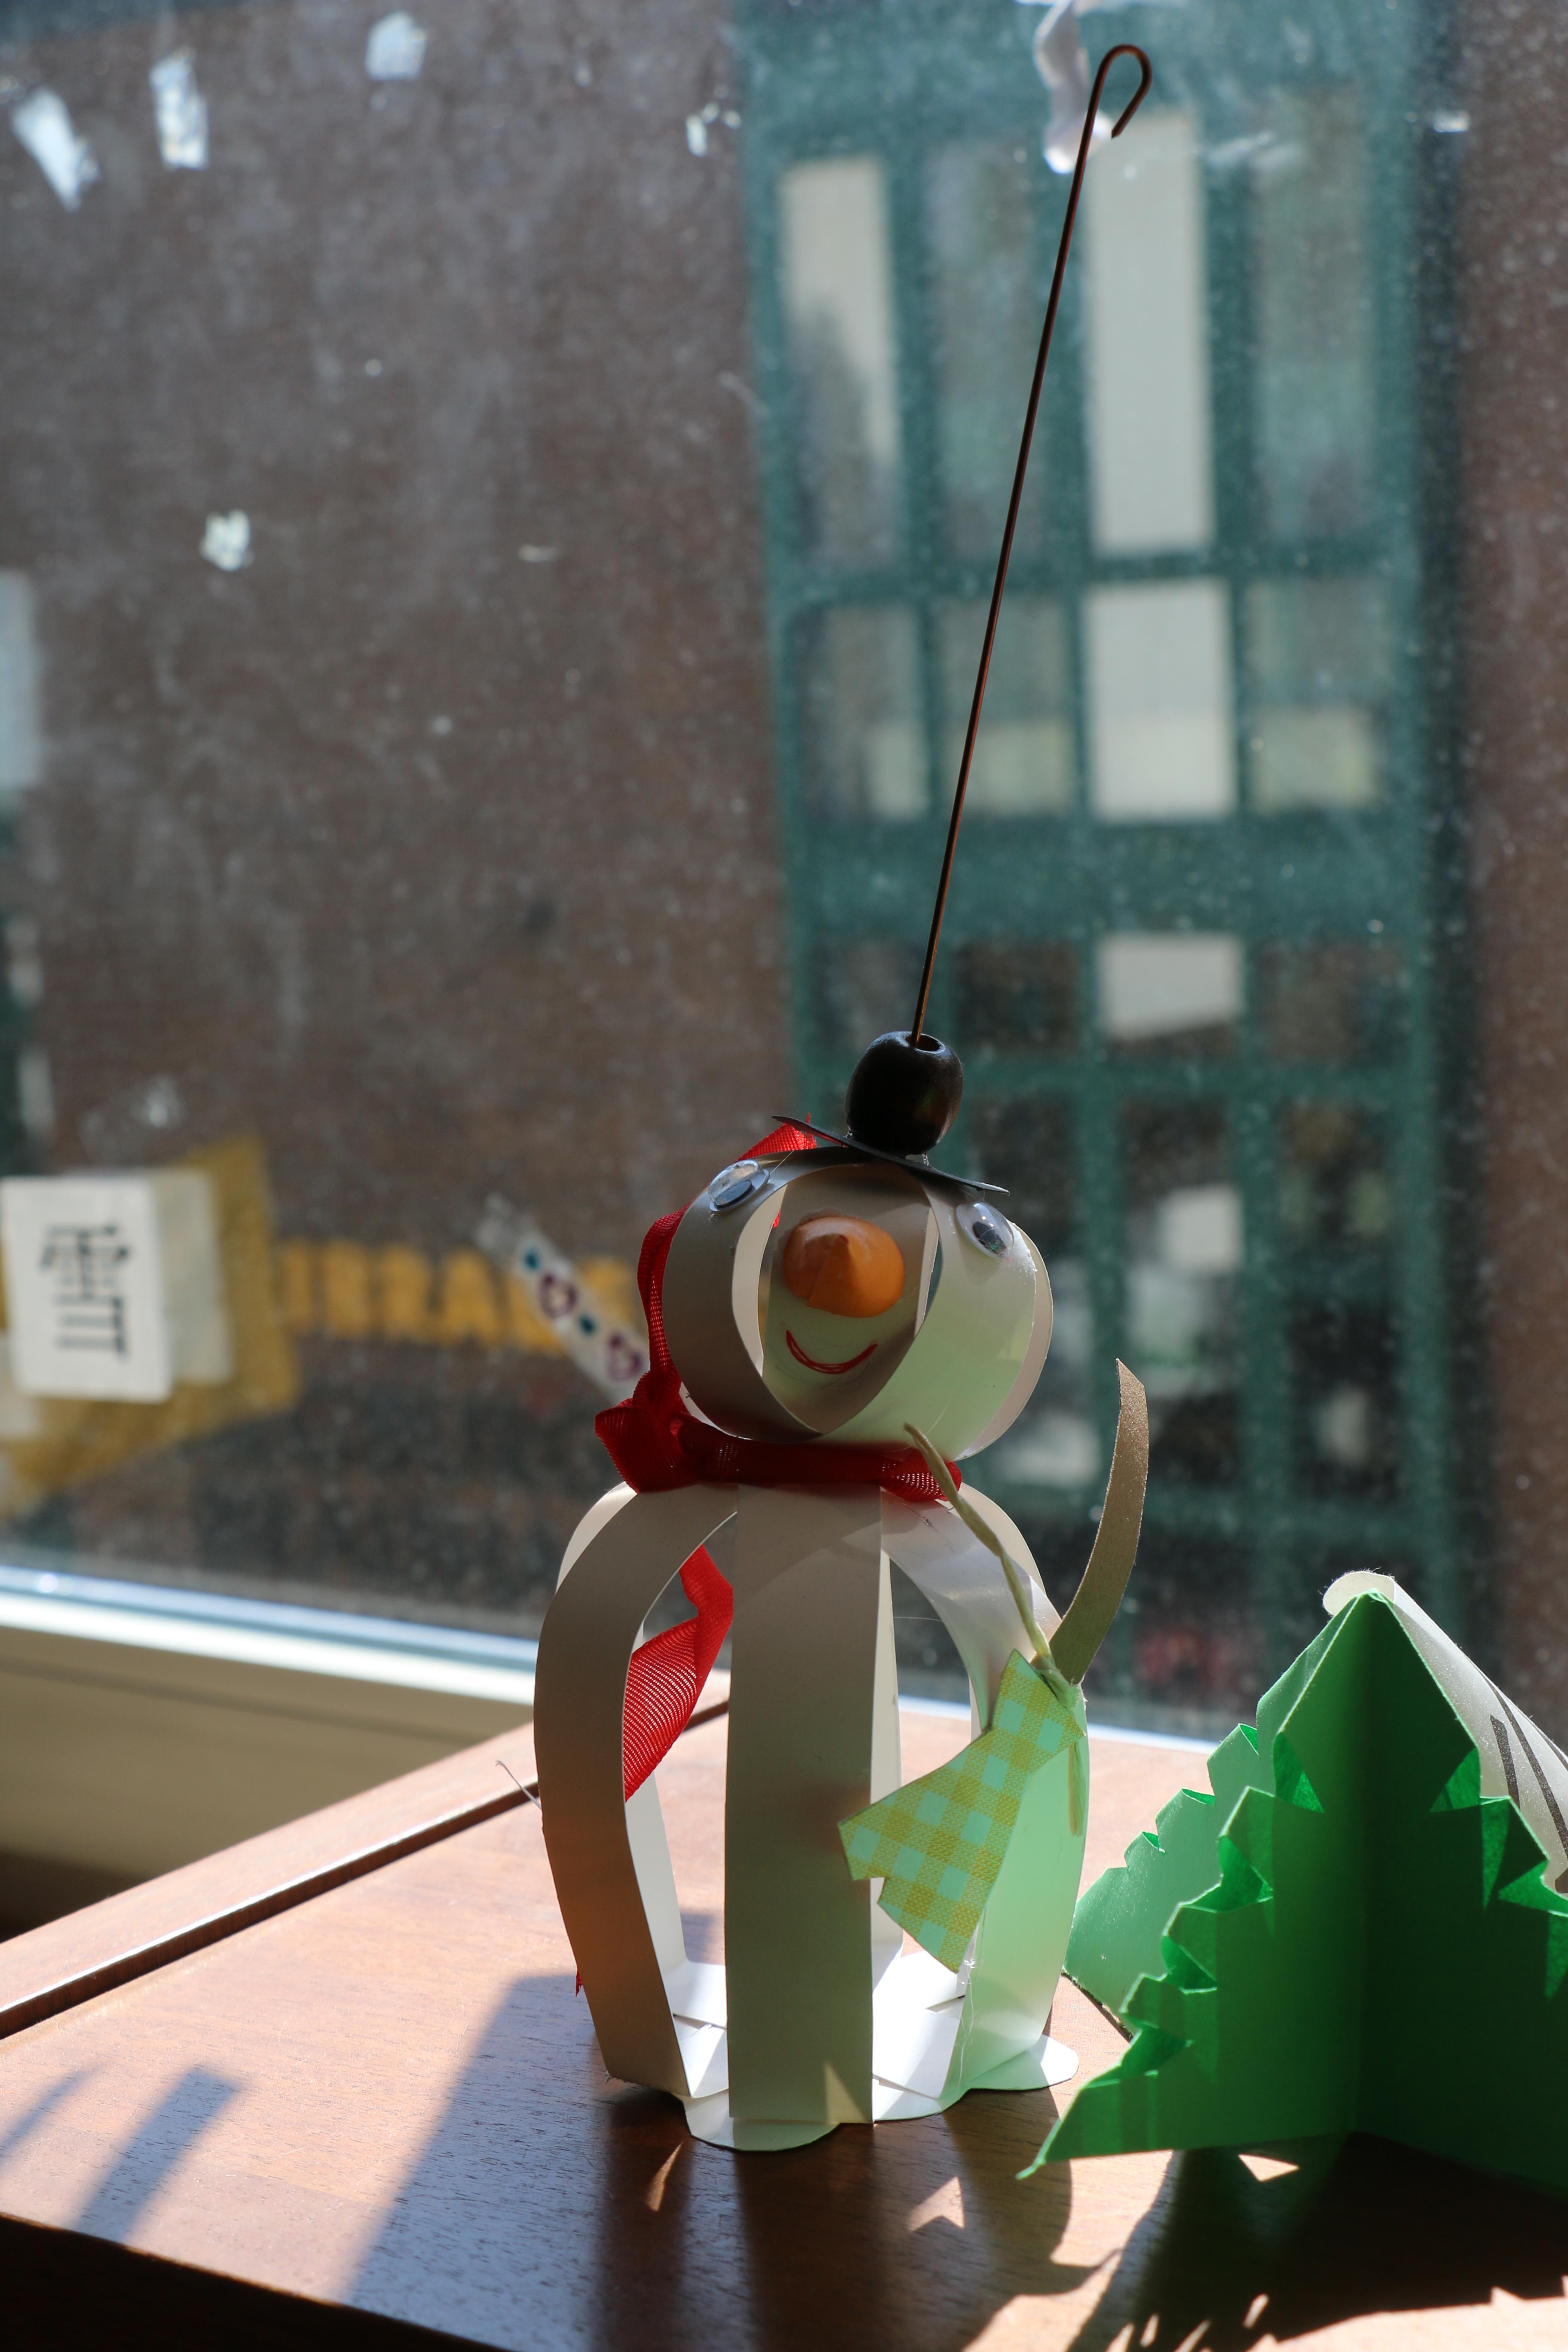 插畫:《雪人、聖誕樹和中文》,作者Ka(卡乎的女兒,在老師指導下製作)